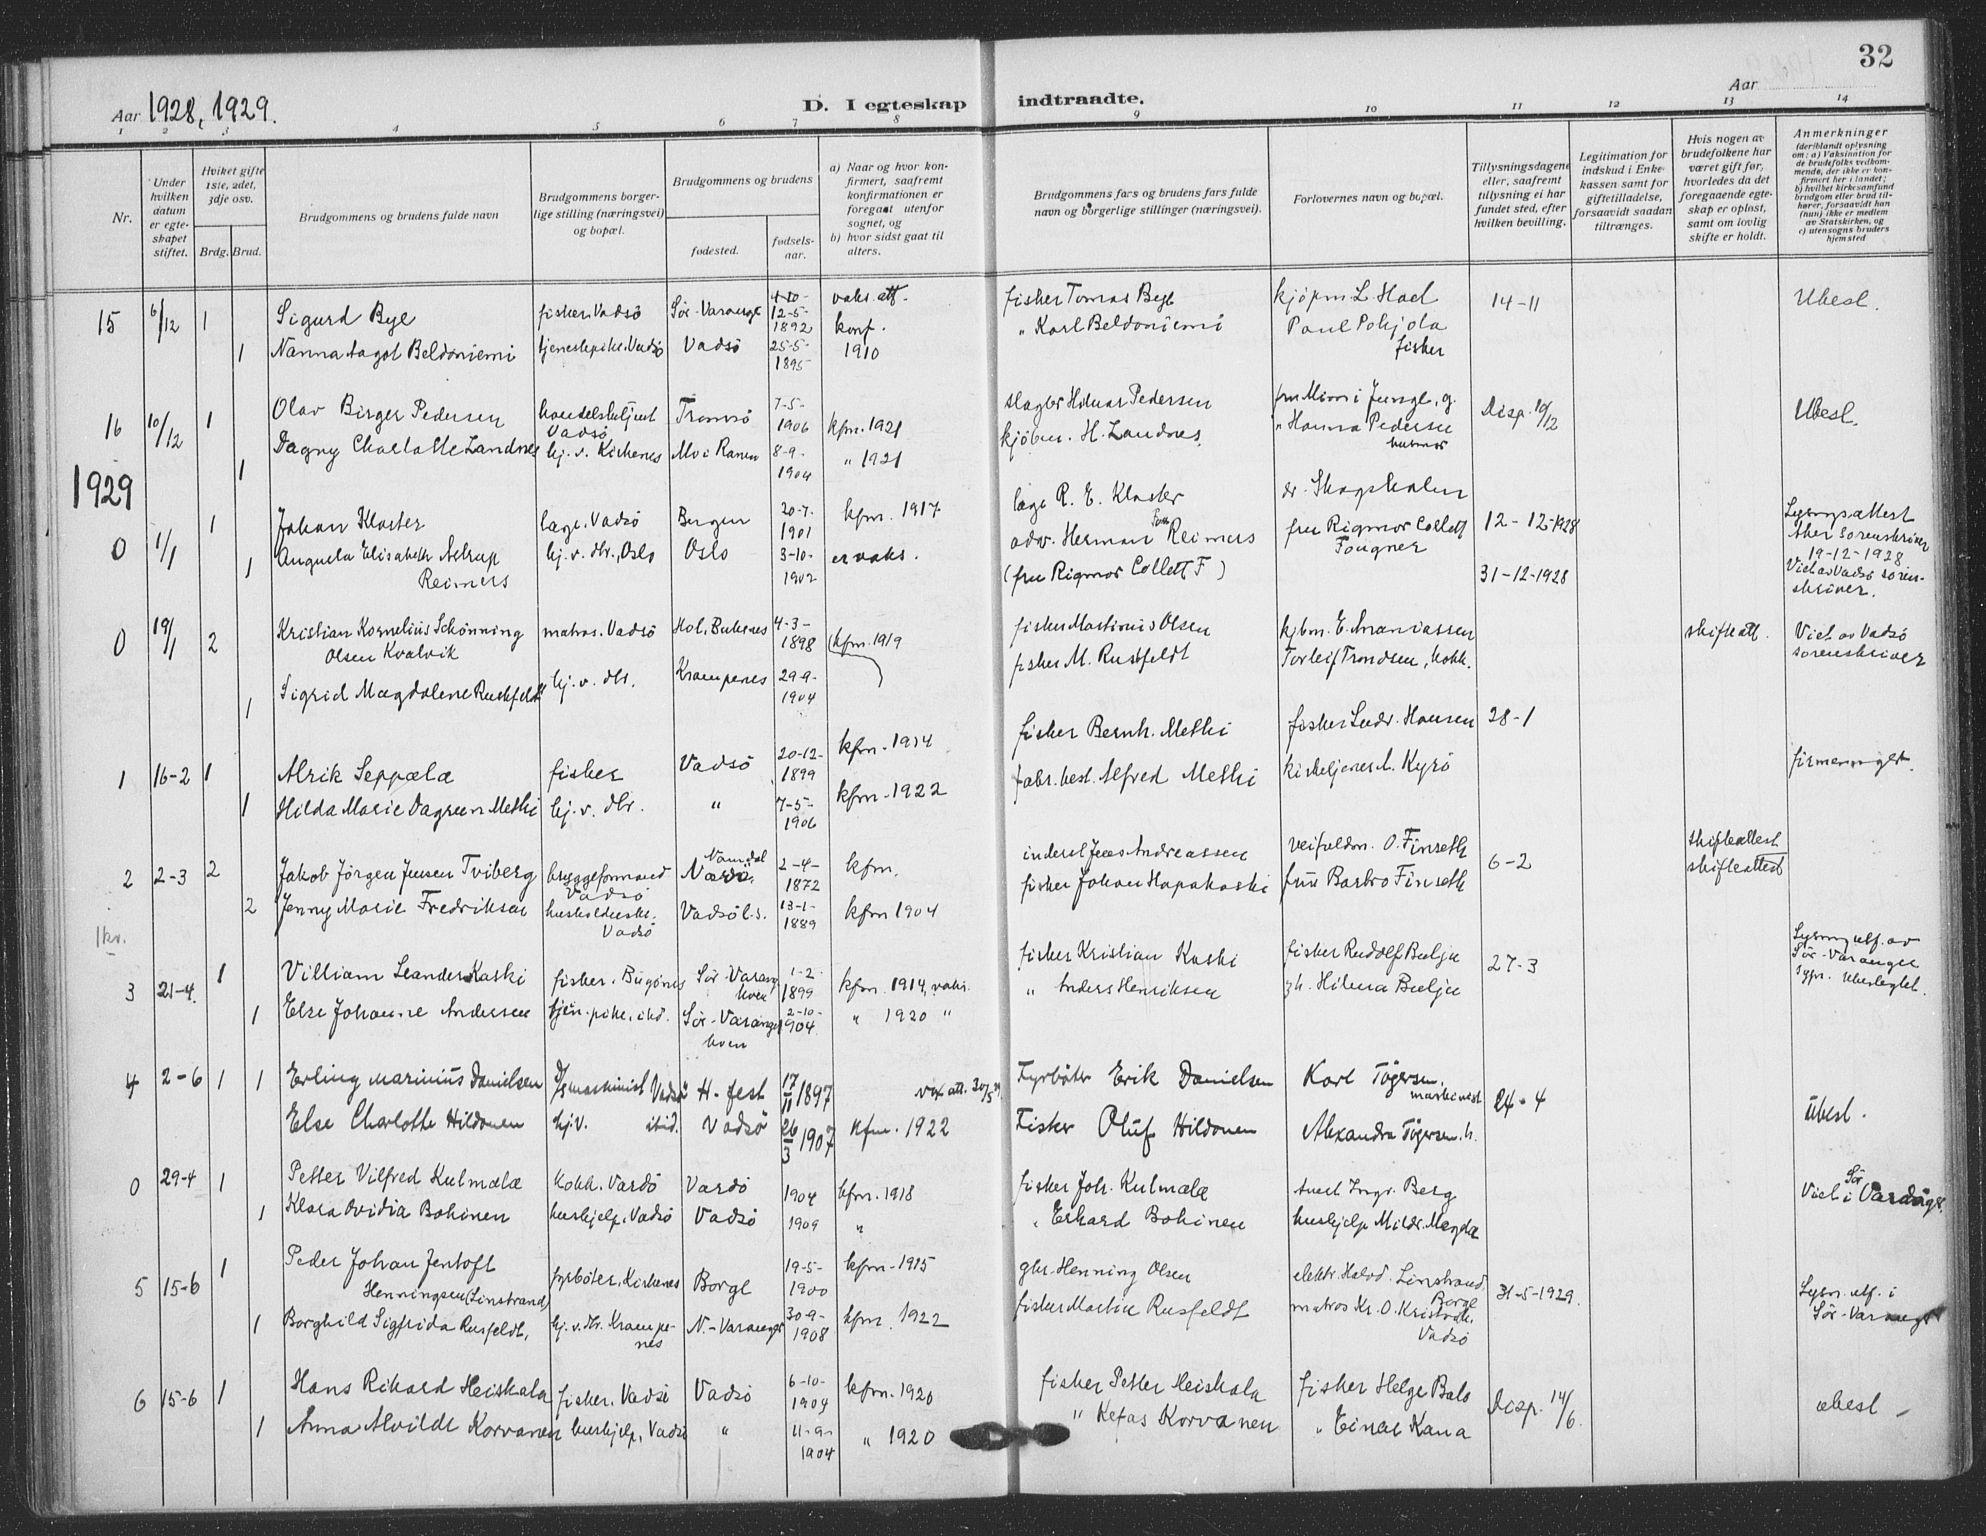 SATØ, Vadsø sokneprestkontor, H/Ha/L0008kirke: Ministerialbok nr. 8, 1912-1930, s. 32